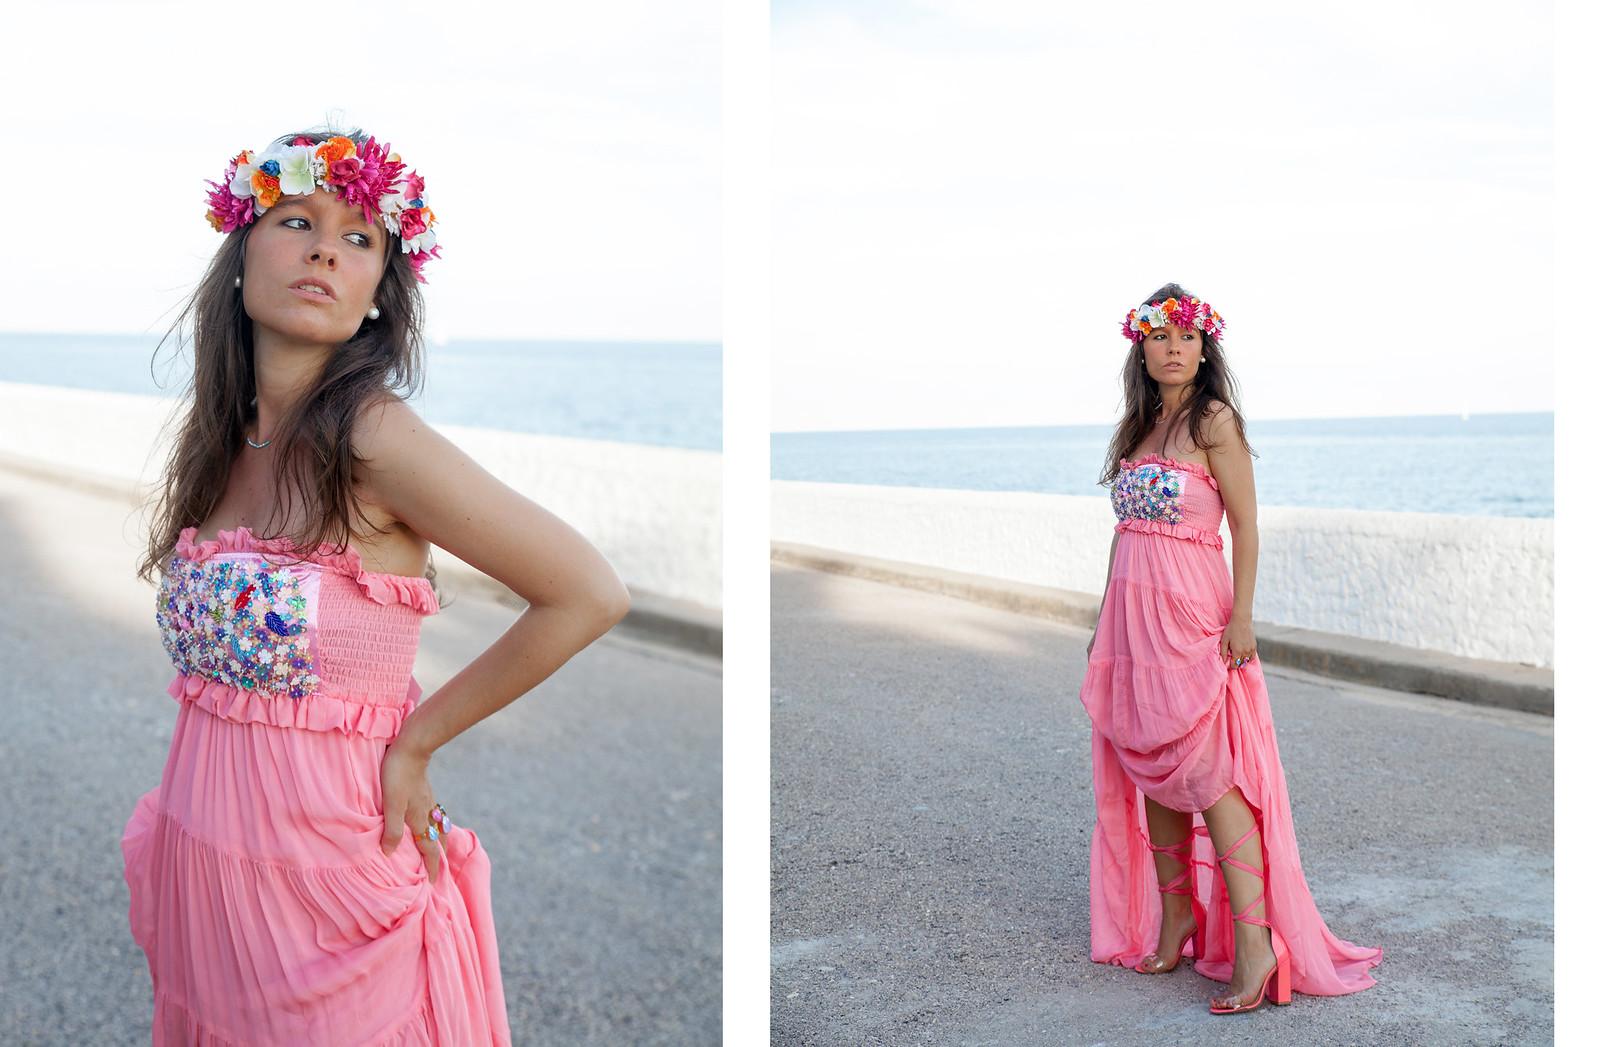 07_El_vestido_perfecto_fiesta_san_juan_verbena_highly_preppy_theguestgirl_fashion_influencer_barcelona_bilbao_vestido_rosa